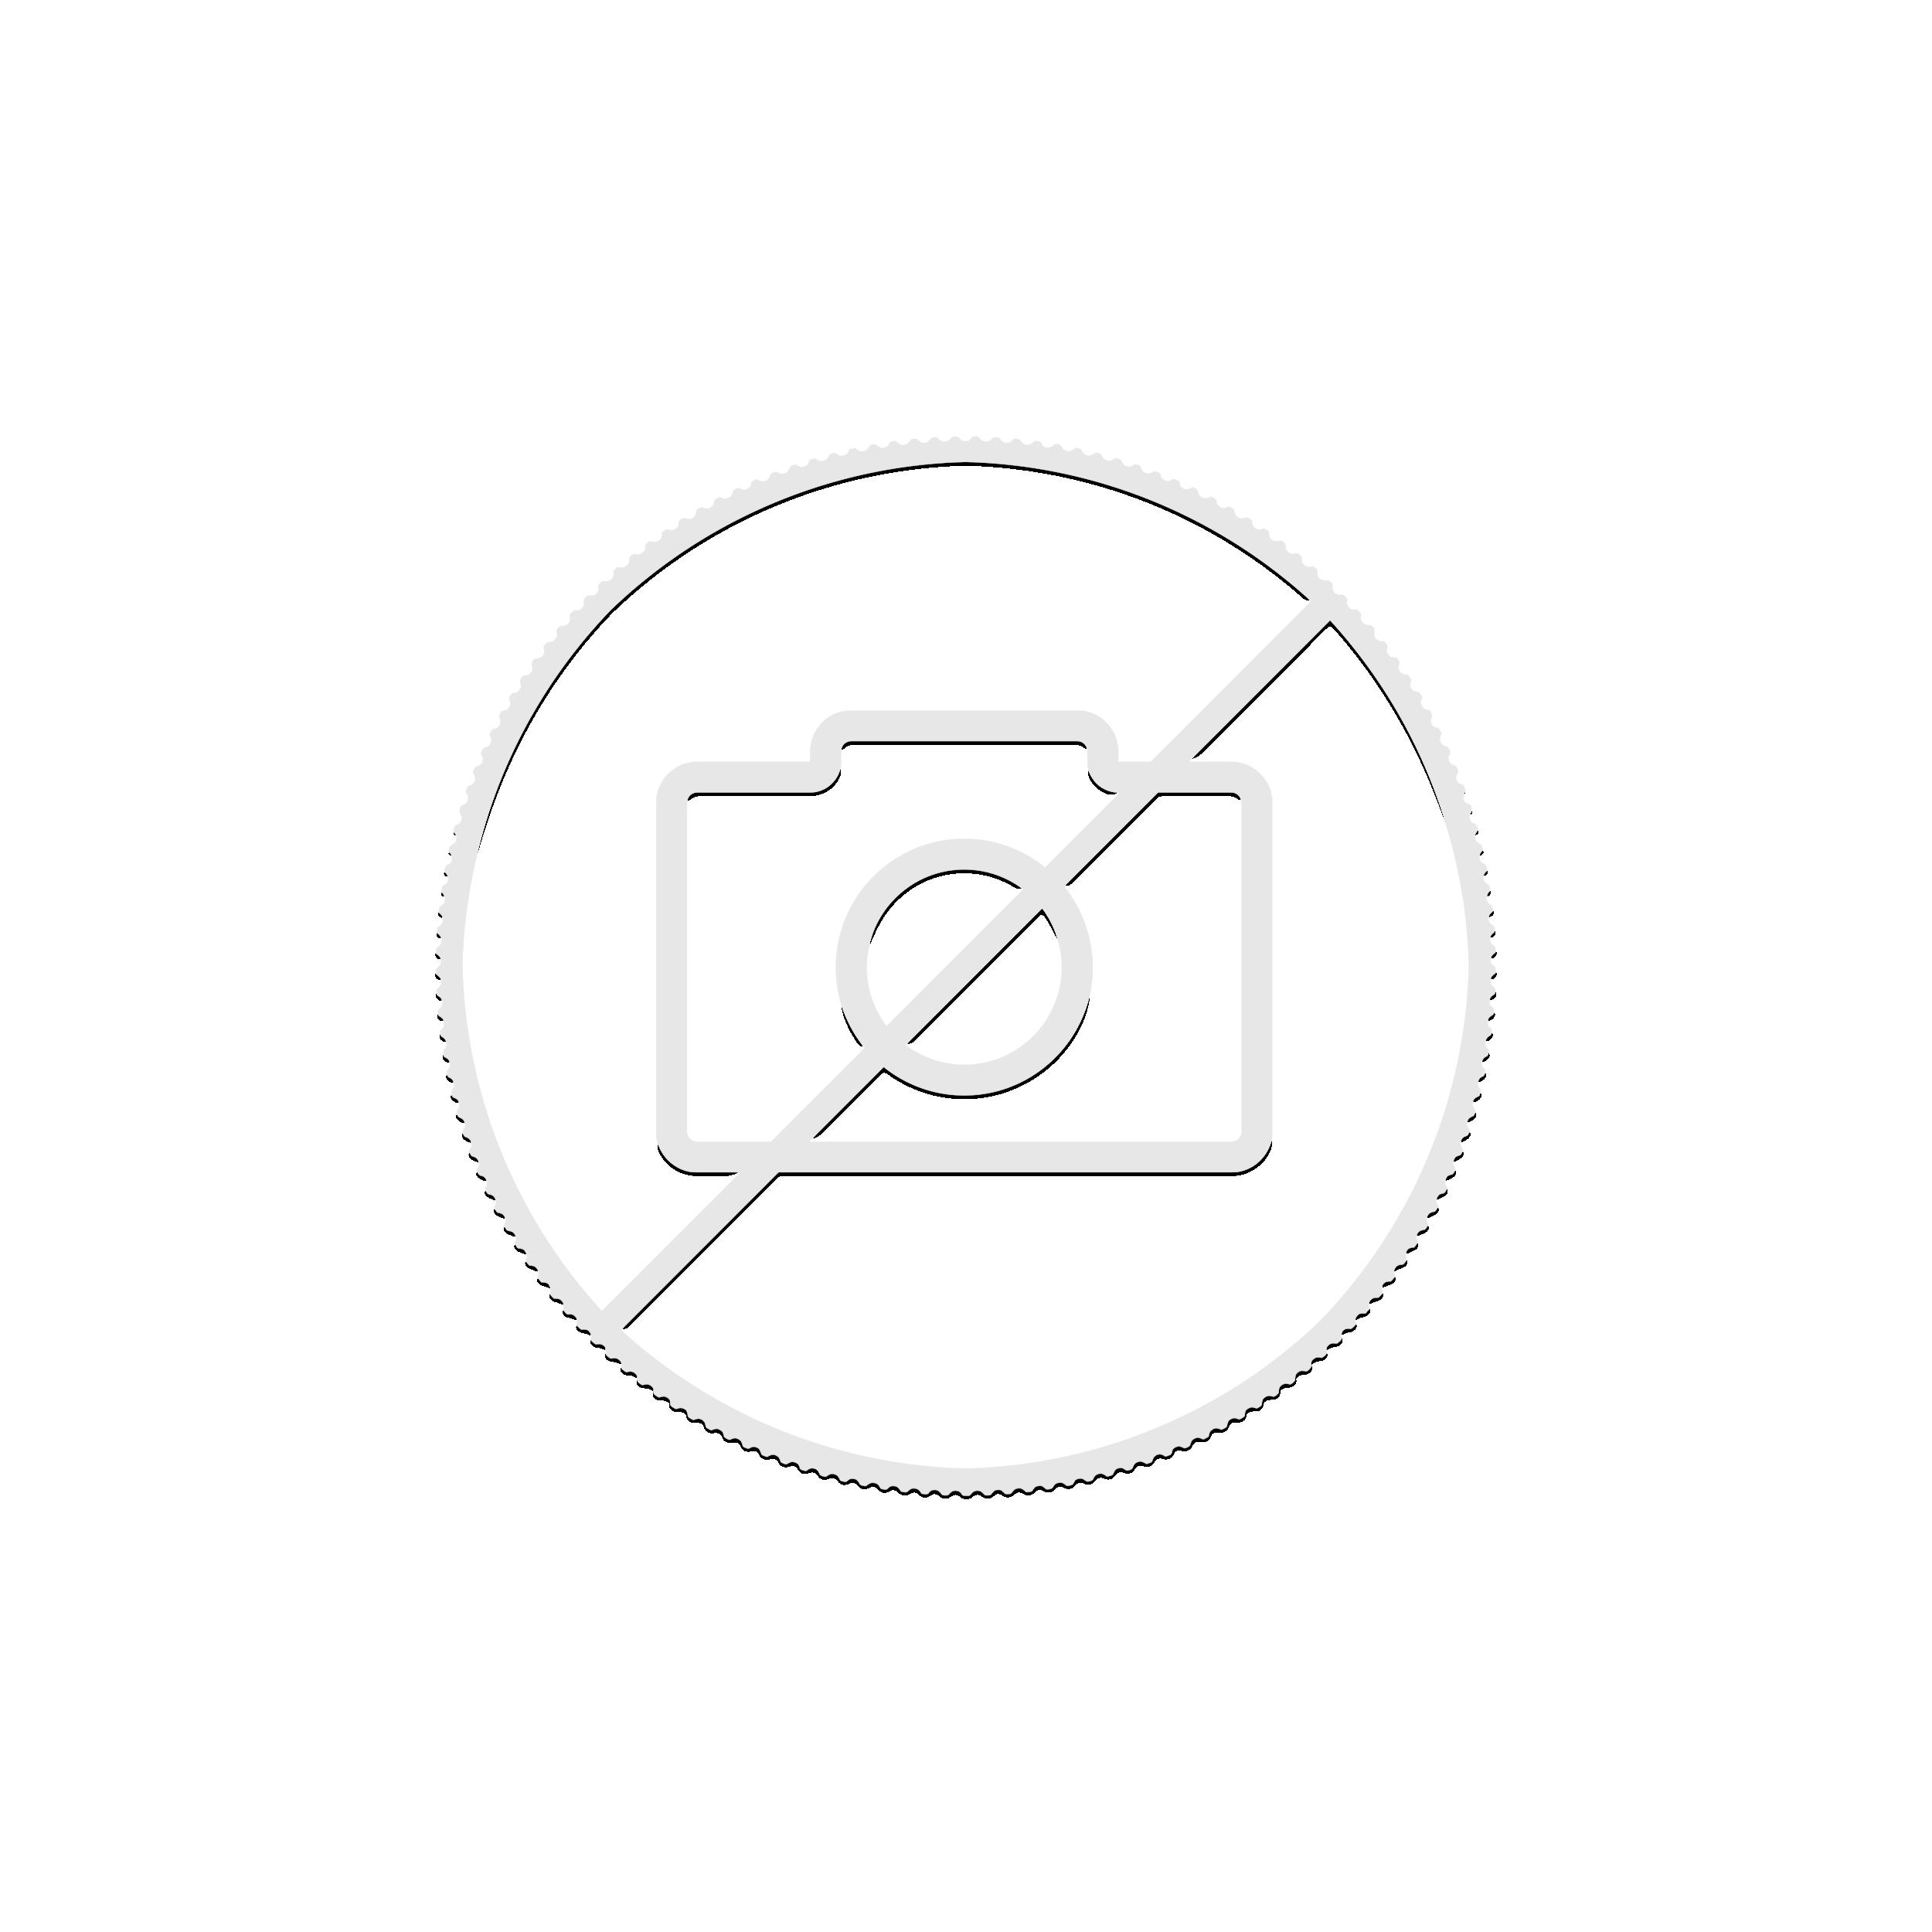 The Silver Mountain Box Small